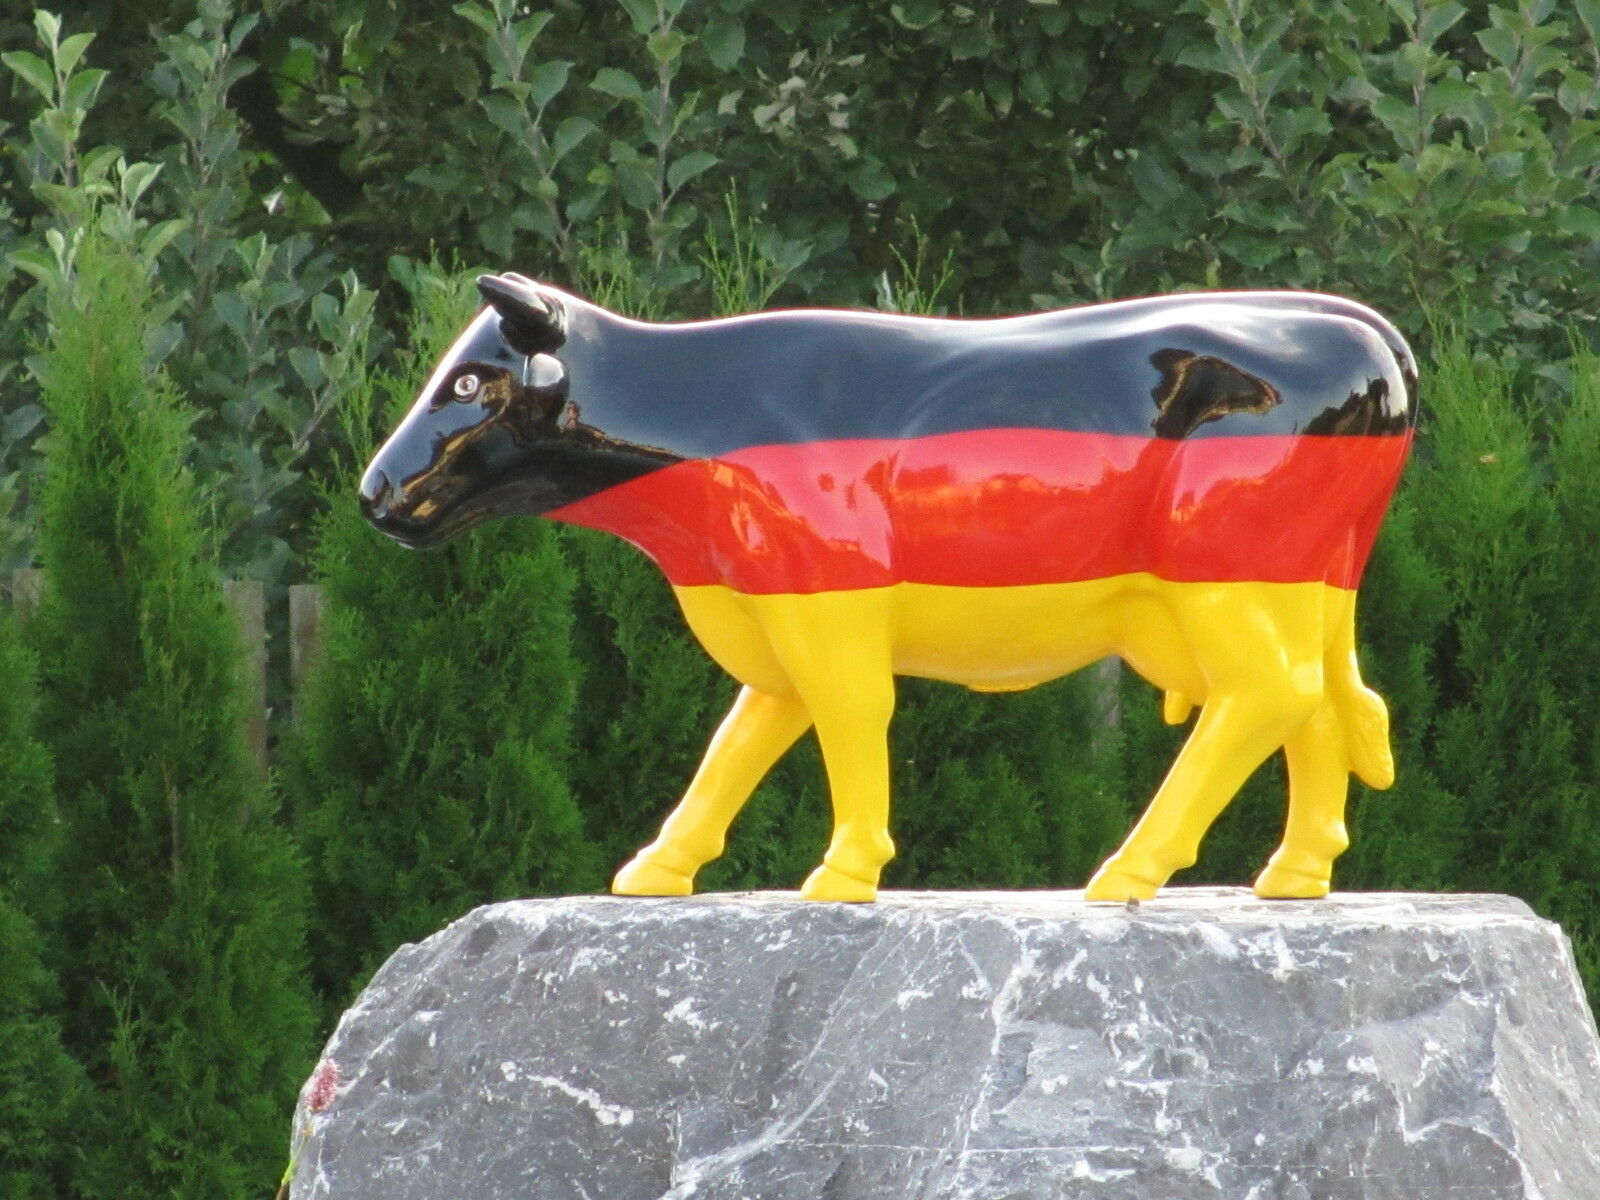 KUH KUNSTBEMALUNG DE FRIESISCH DEUTSCHLAND FLAGGE DE KUNSTBEMALUNG GER BRD Garten Deko Tier Figur 0864be